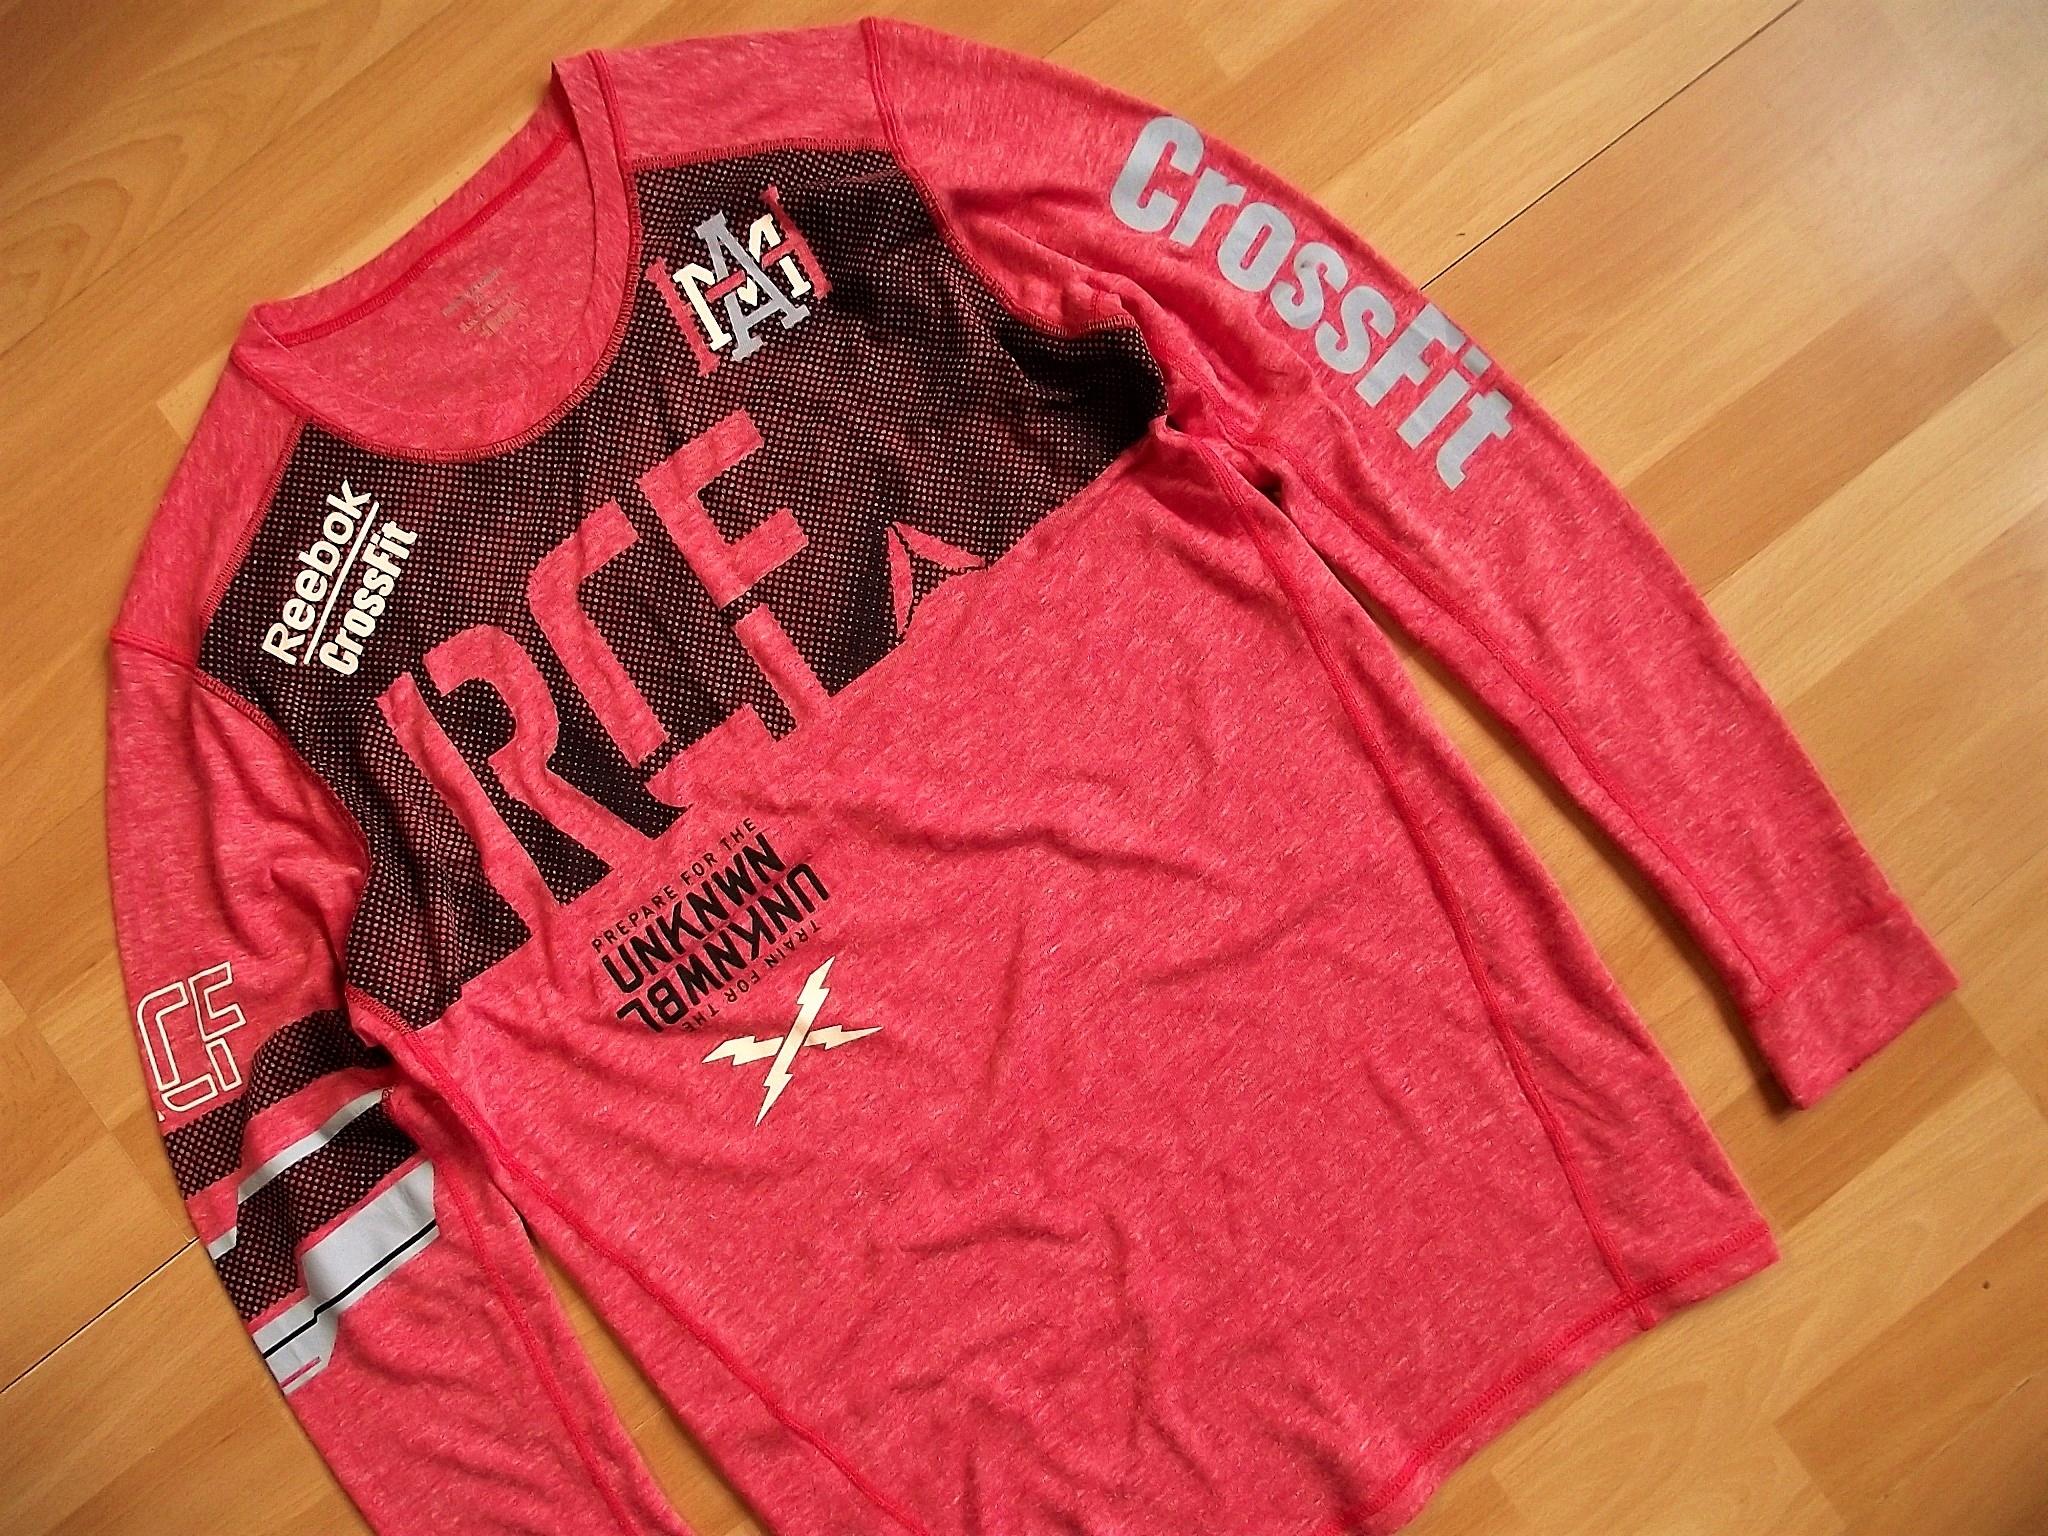 Reebok CrossFit bluzka koszulka XL